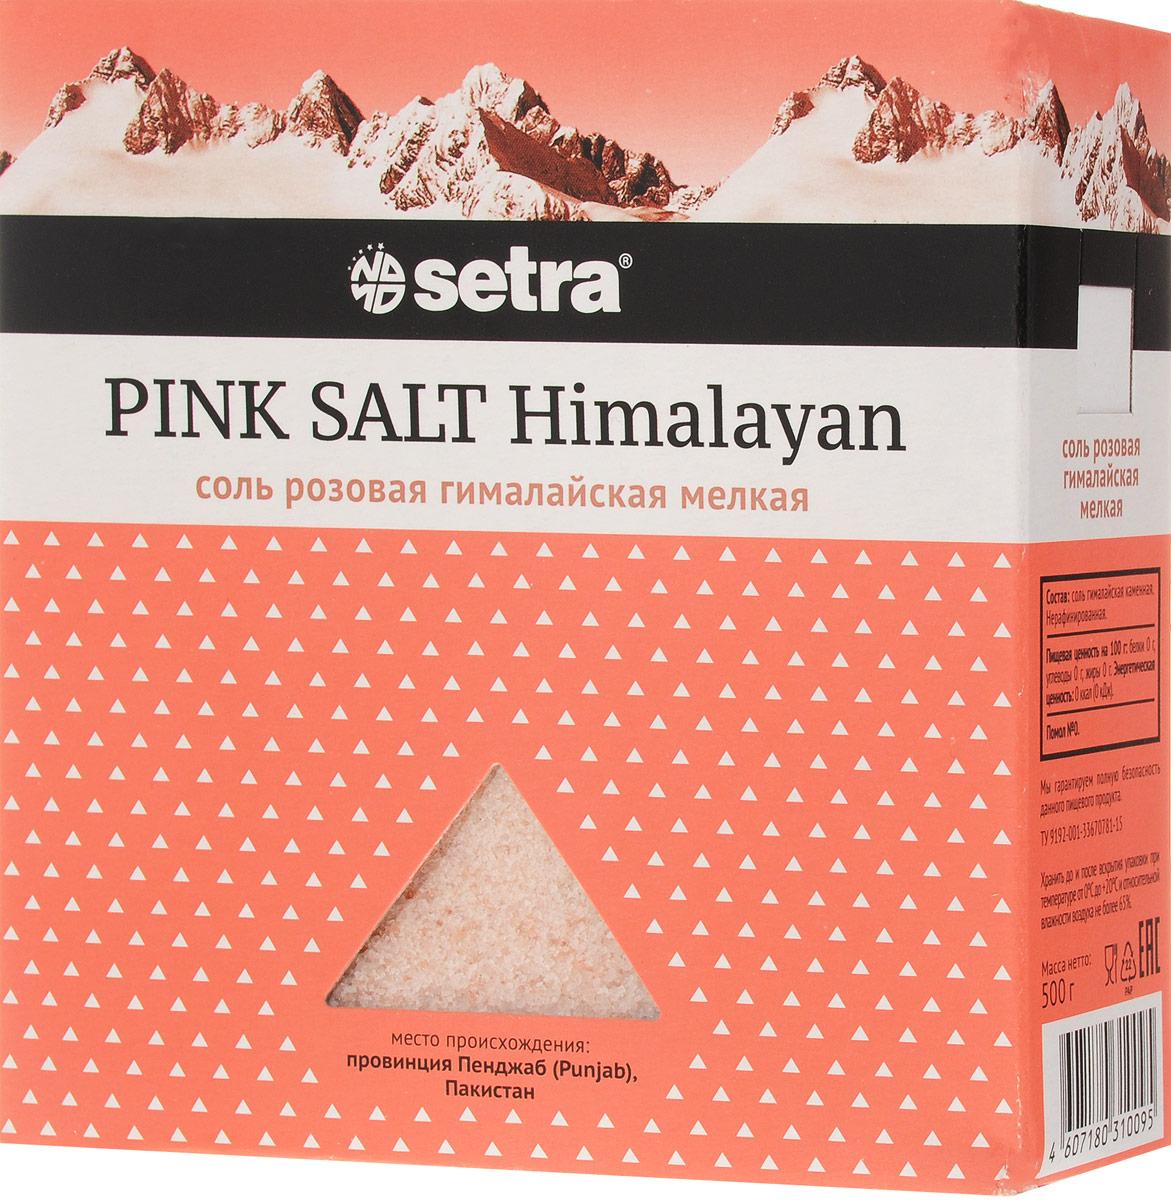 Setra соль розовая гималайская мелкая, 500 г